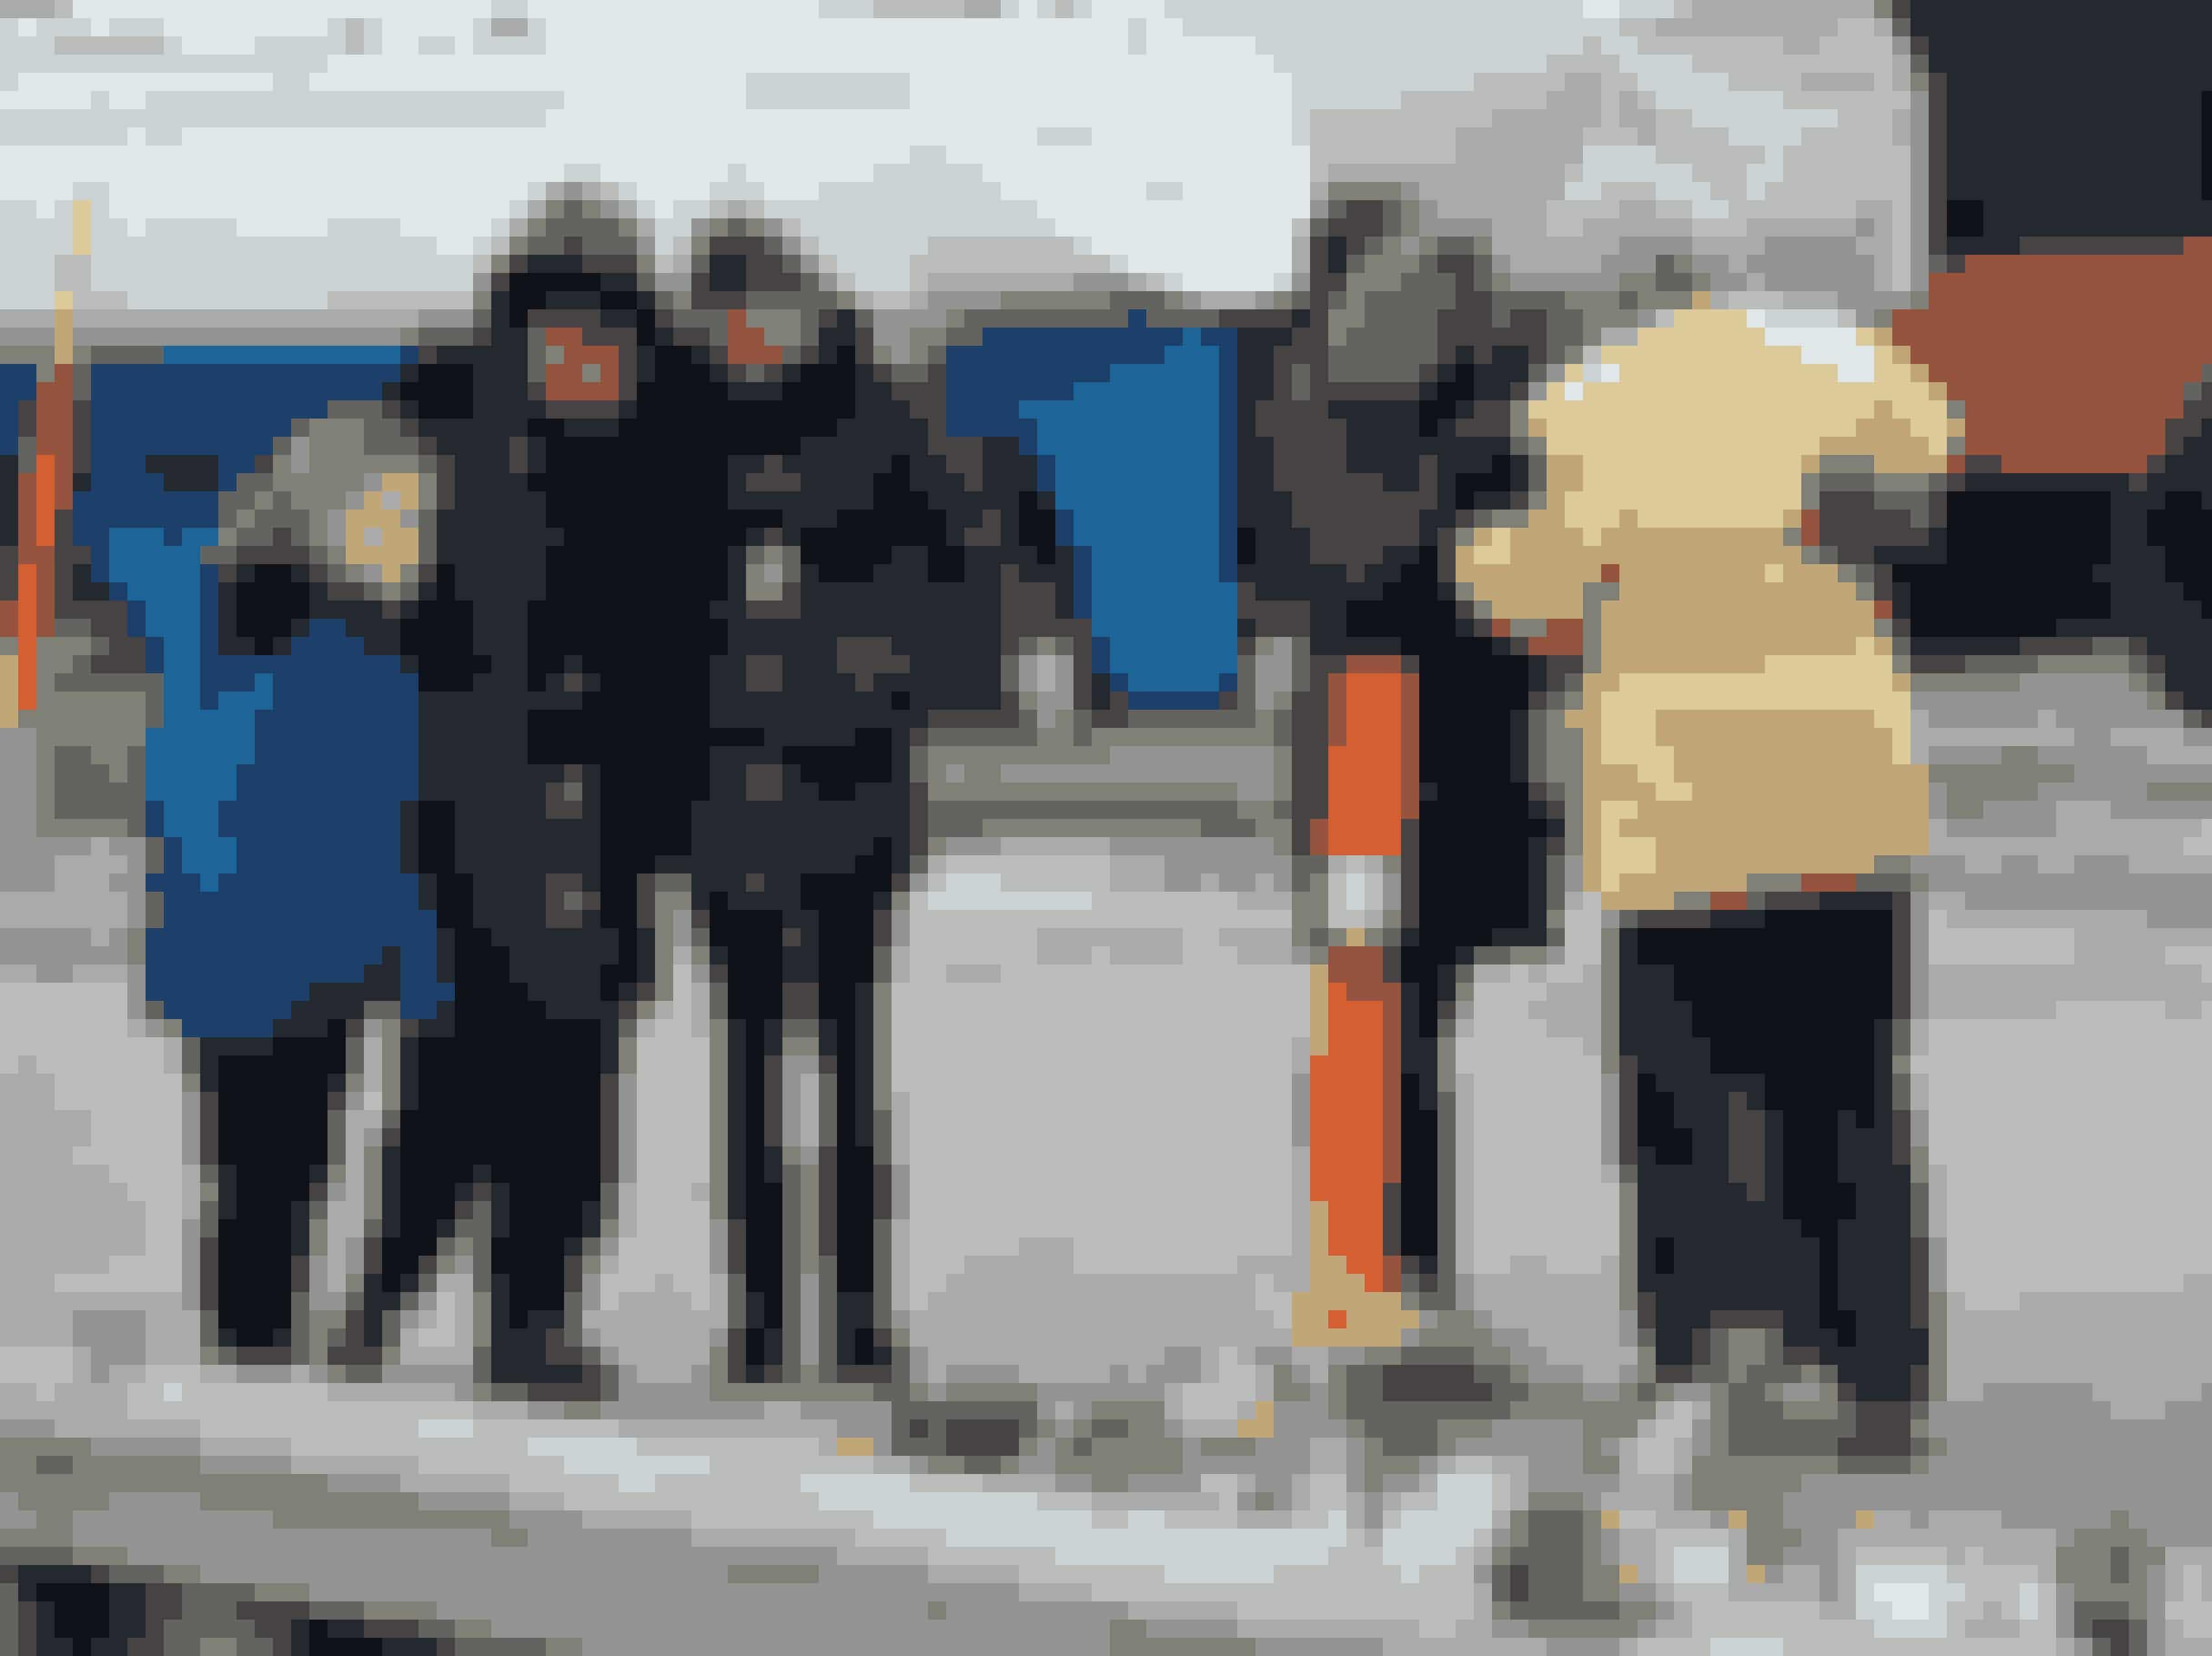 Drukneulykken i Præstø Fjord. Her er familien til de druknede samlet i sorg.